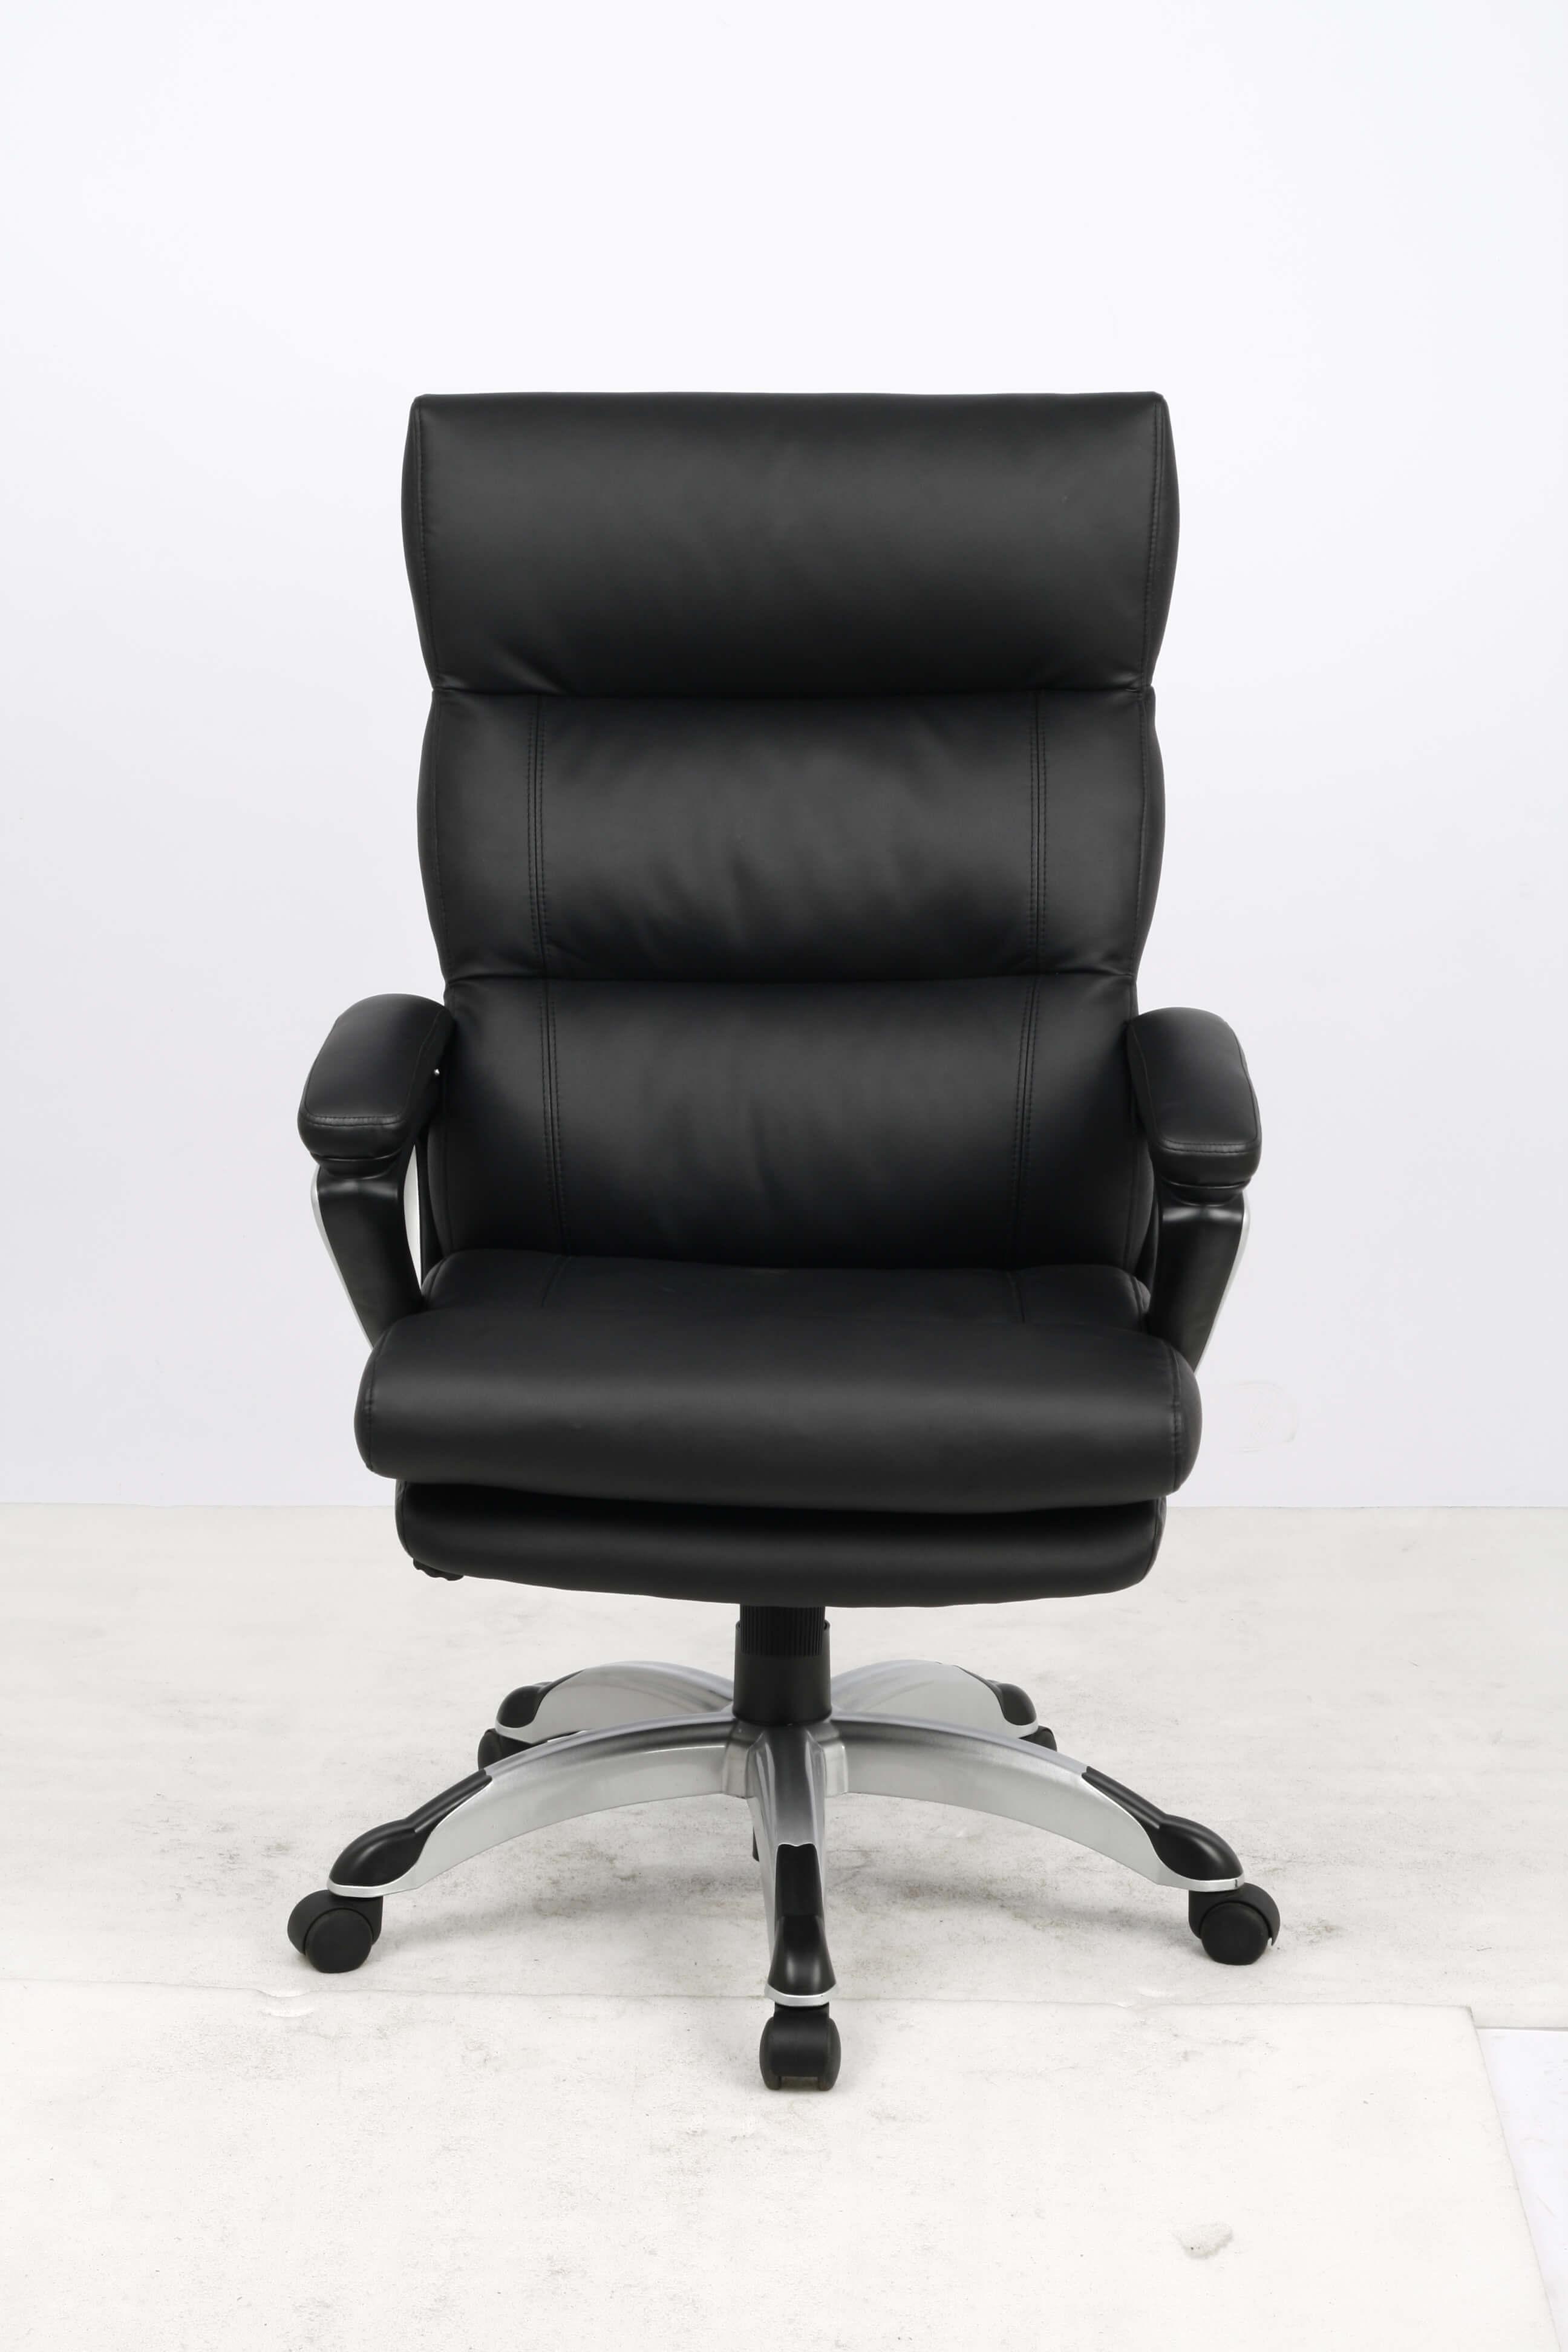 Фото College Кресло руководителя HLC-0802-1, черный, экокожа, 120 кг, подлокотники пластик/кожа, крестови